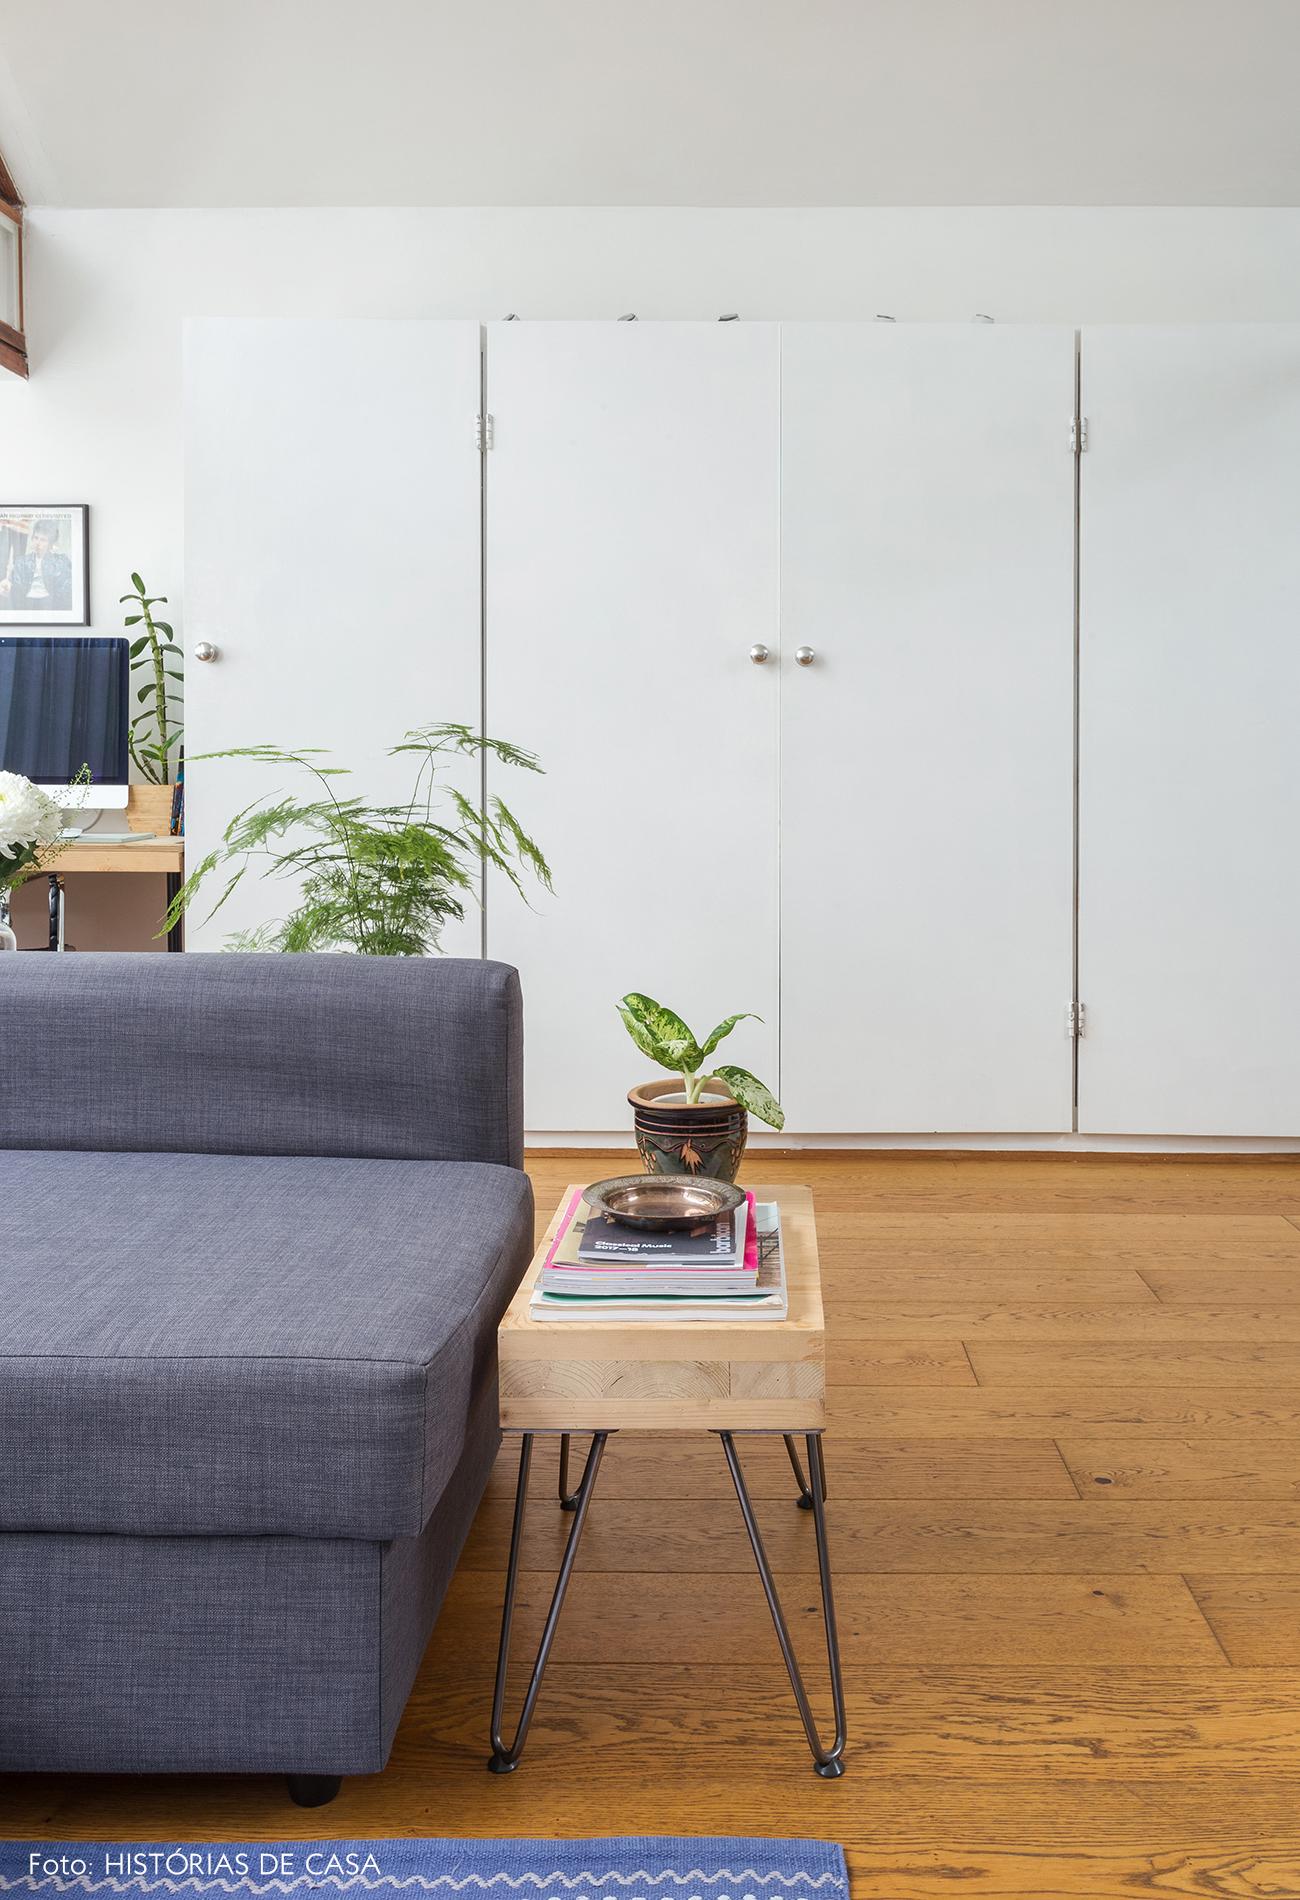 20-decoracao-apartamento-pequeno-poucos-armarios-mesa-lateral